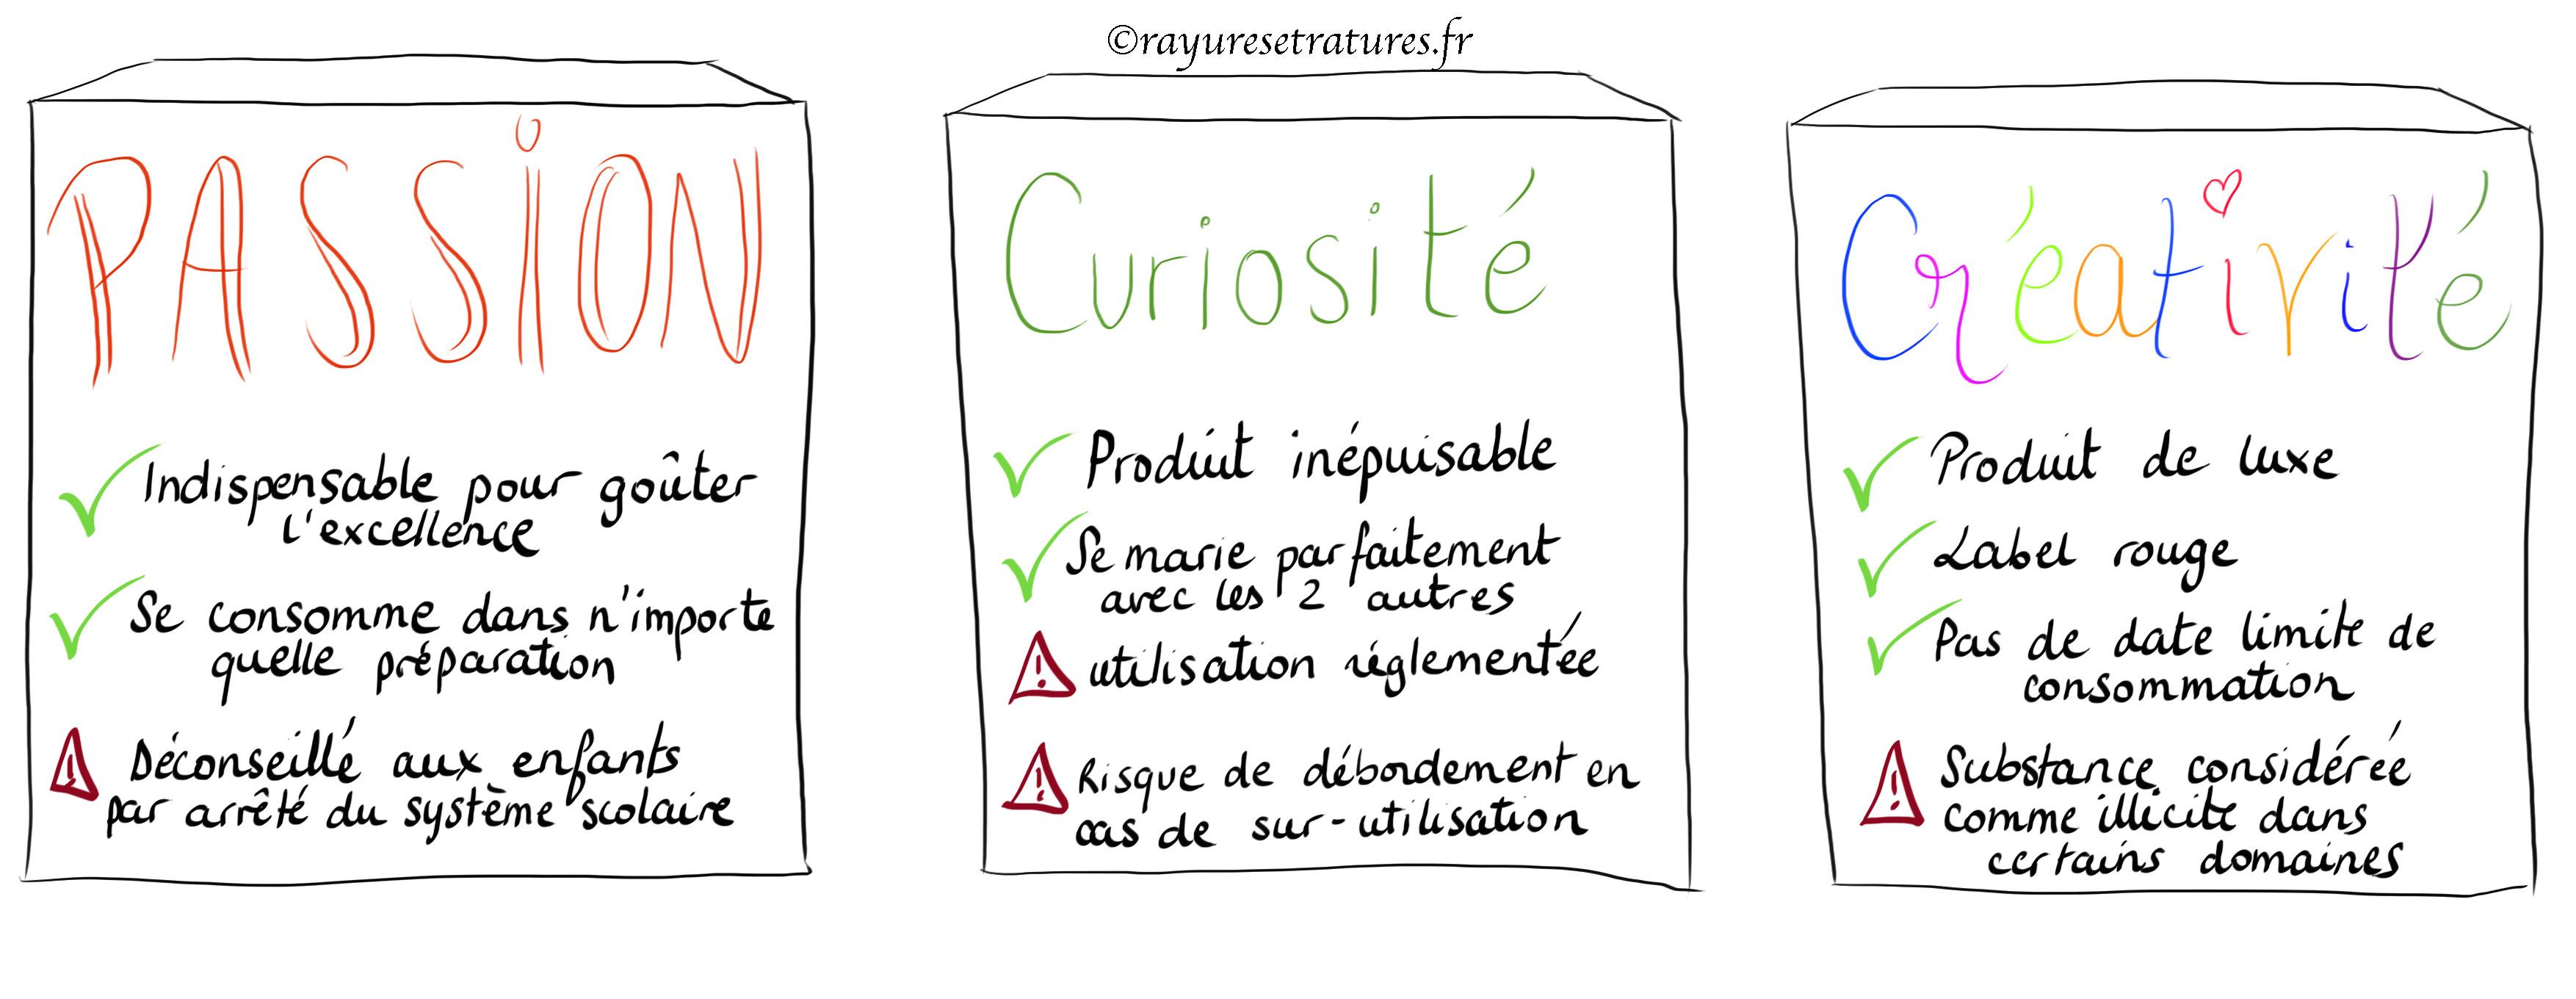 Qualités des surdoués non reconnues à l'école ou en entreprise - créativité curiosité passion